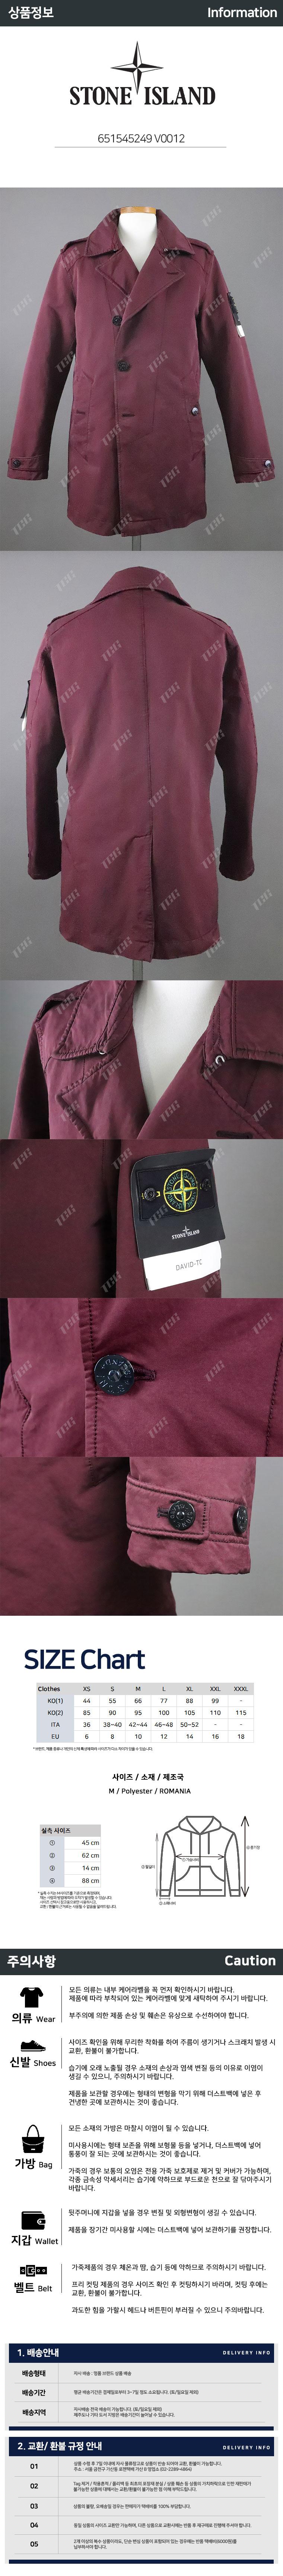 스톤아일랜드 651545249 V0012 DAVID TC 트렌치 자켓 T19C109